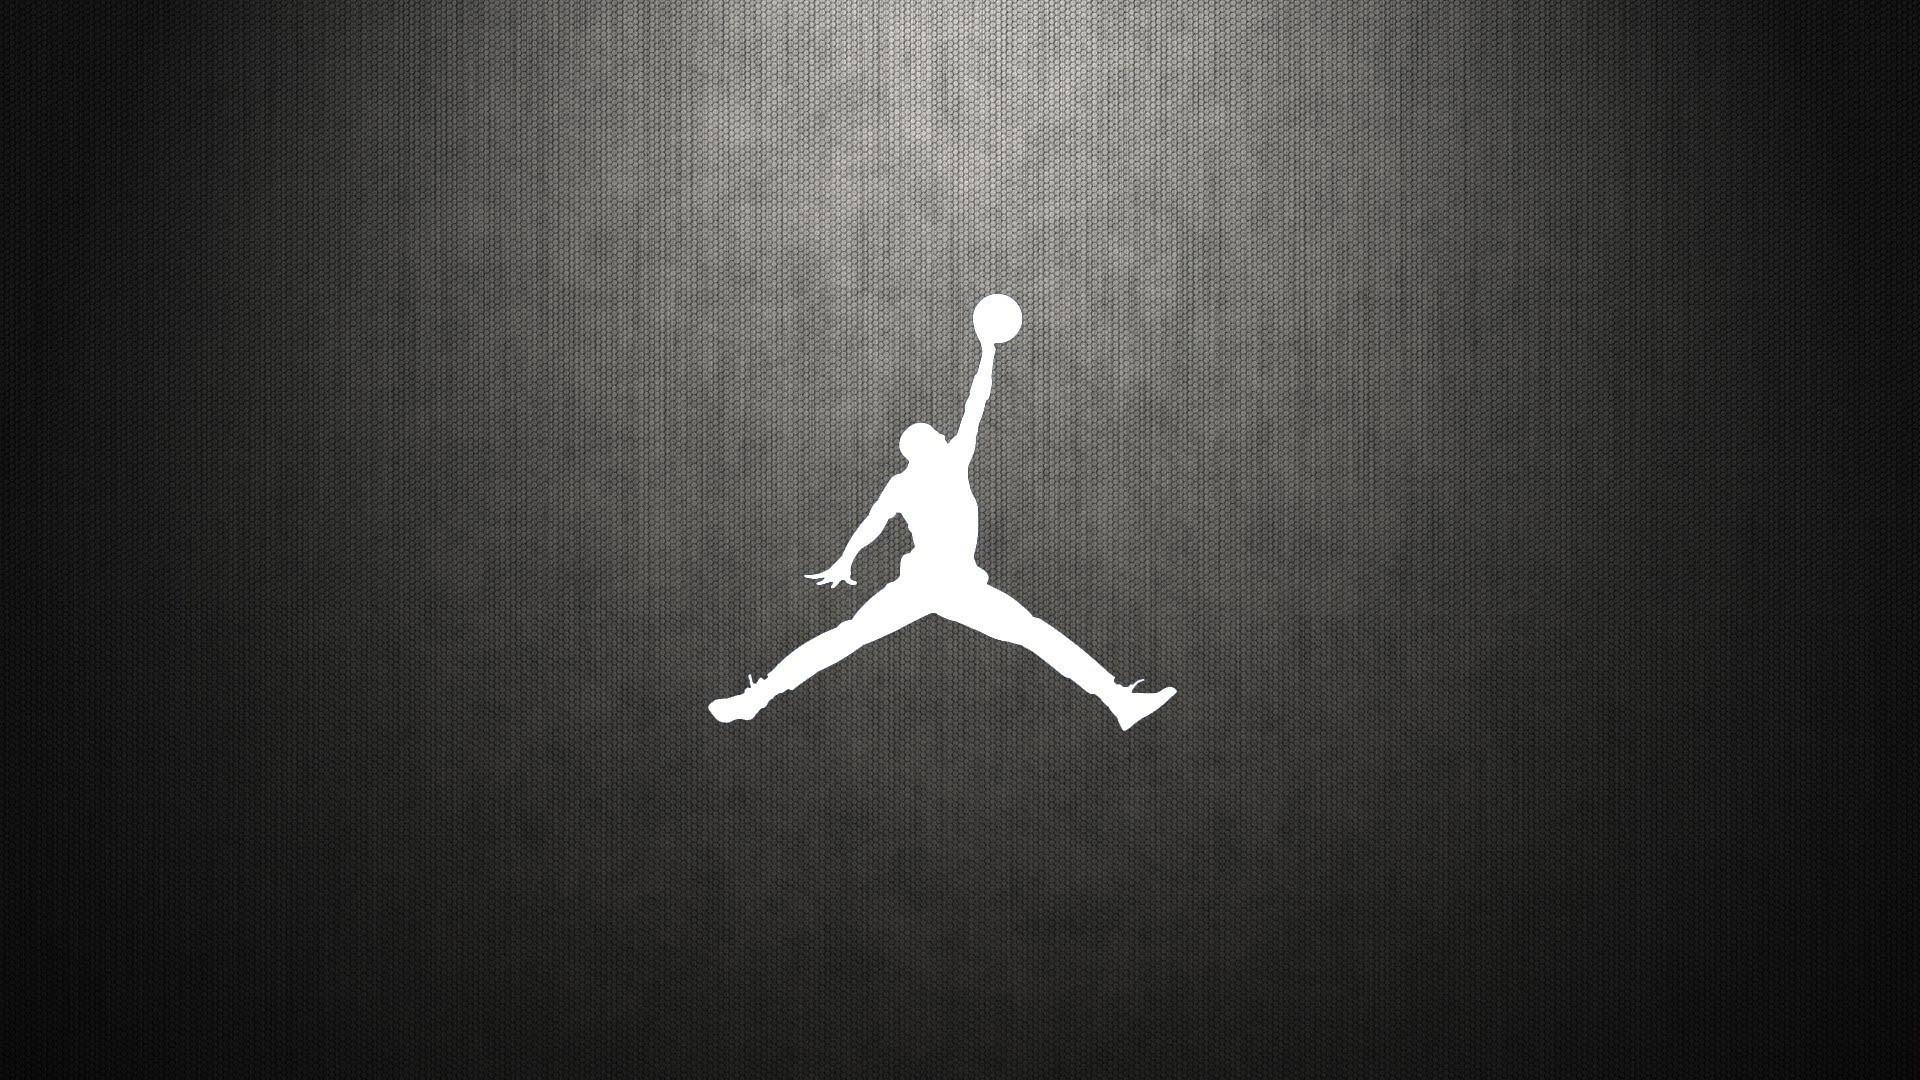 Res: 1920x1080, Nike Air Jordan Wallpaper Image